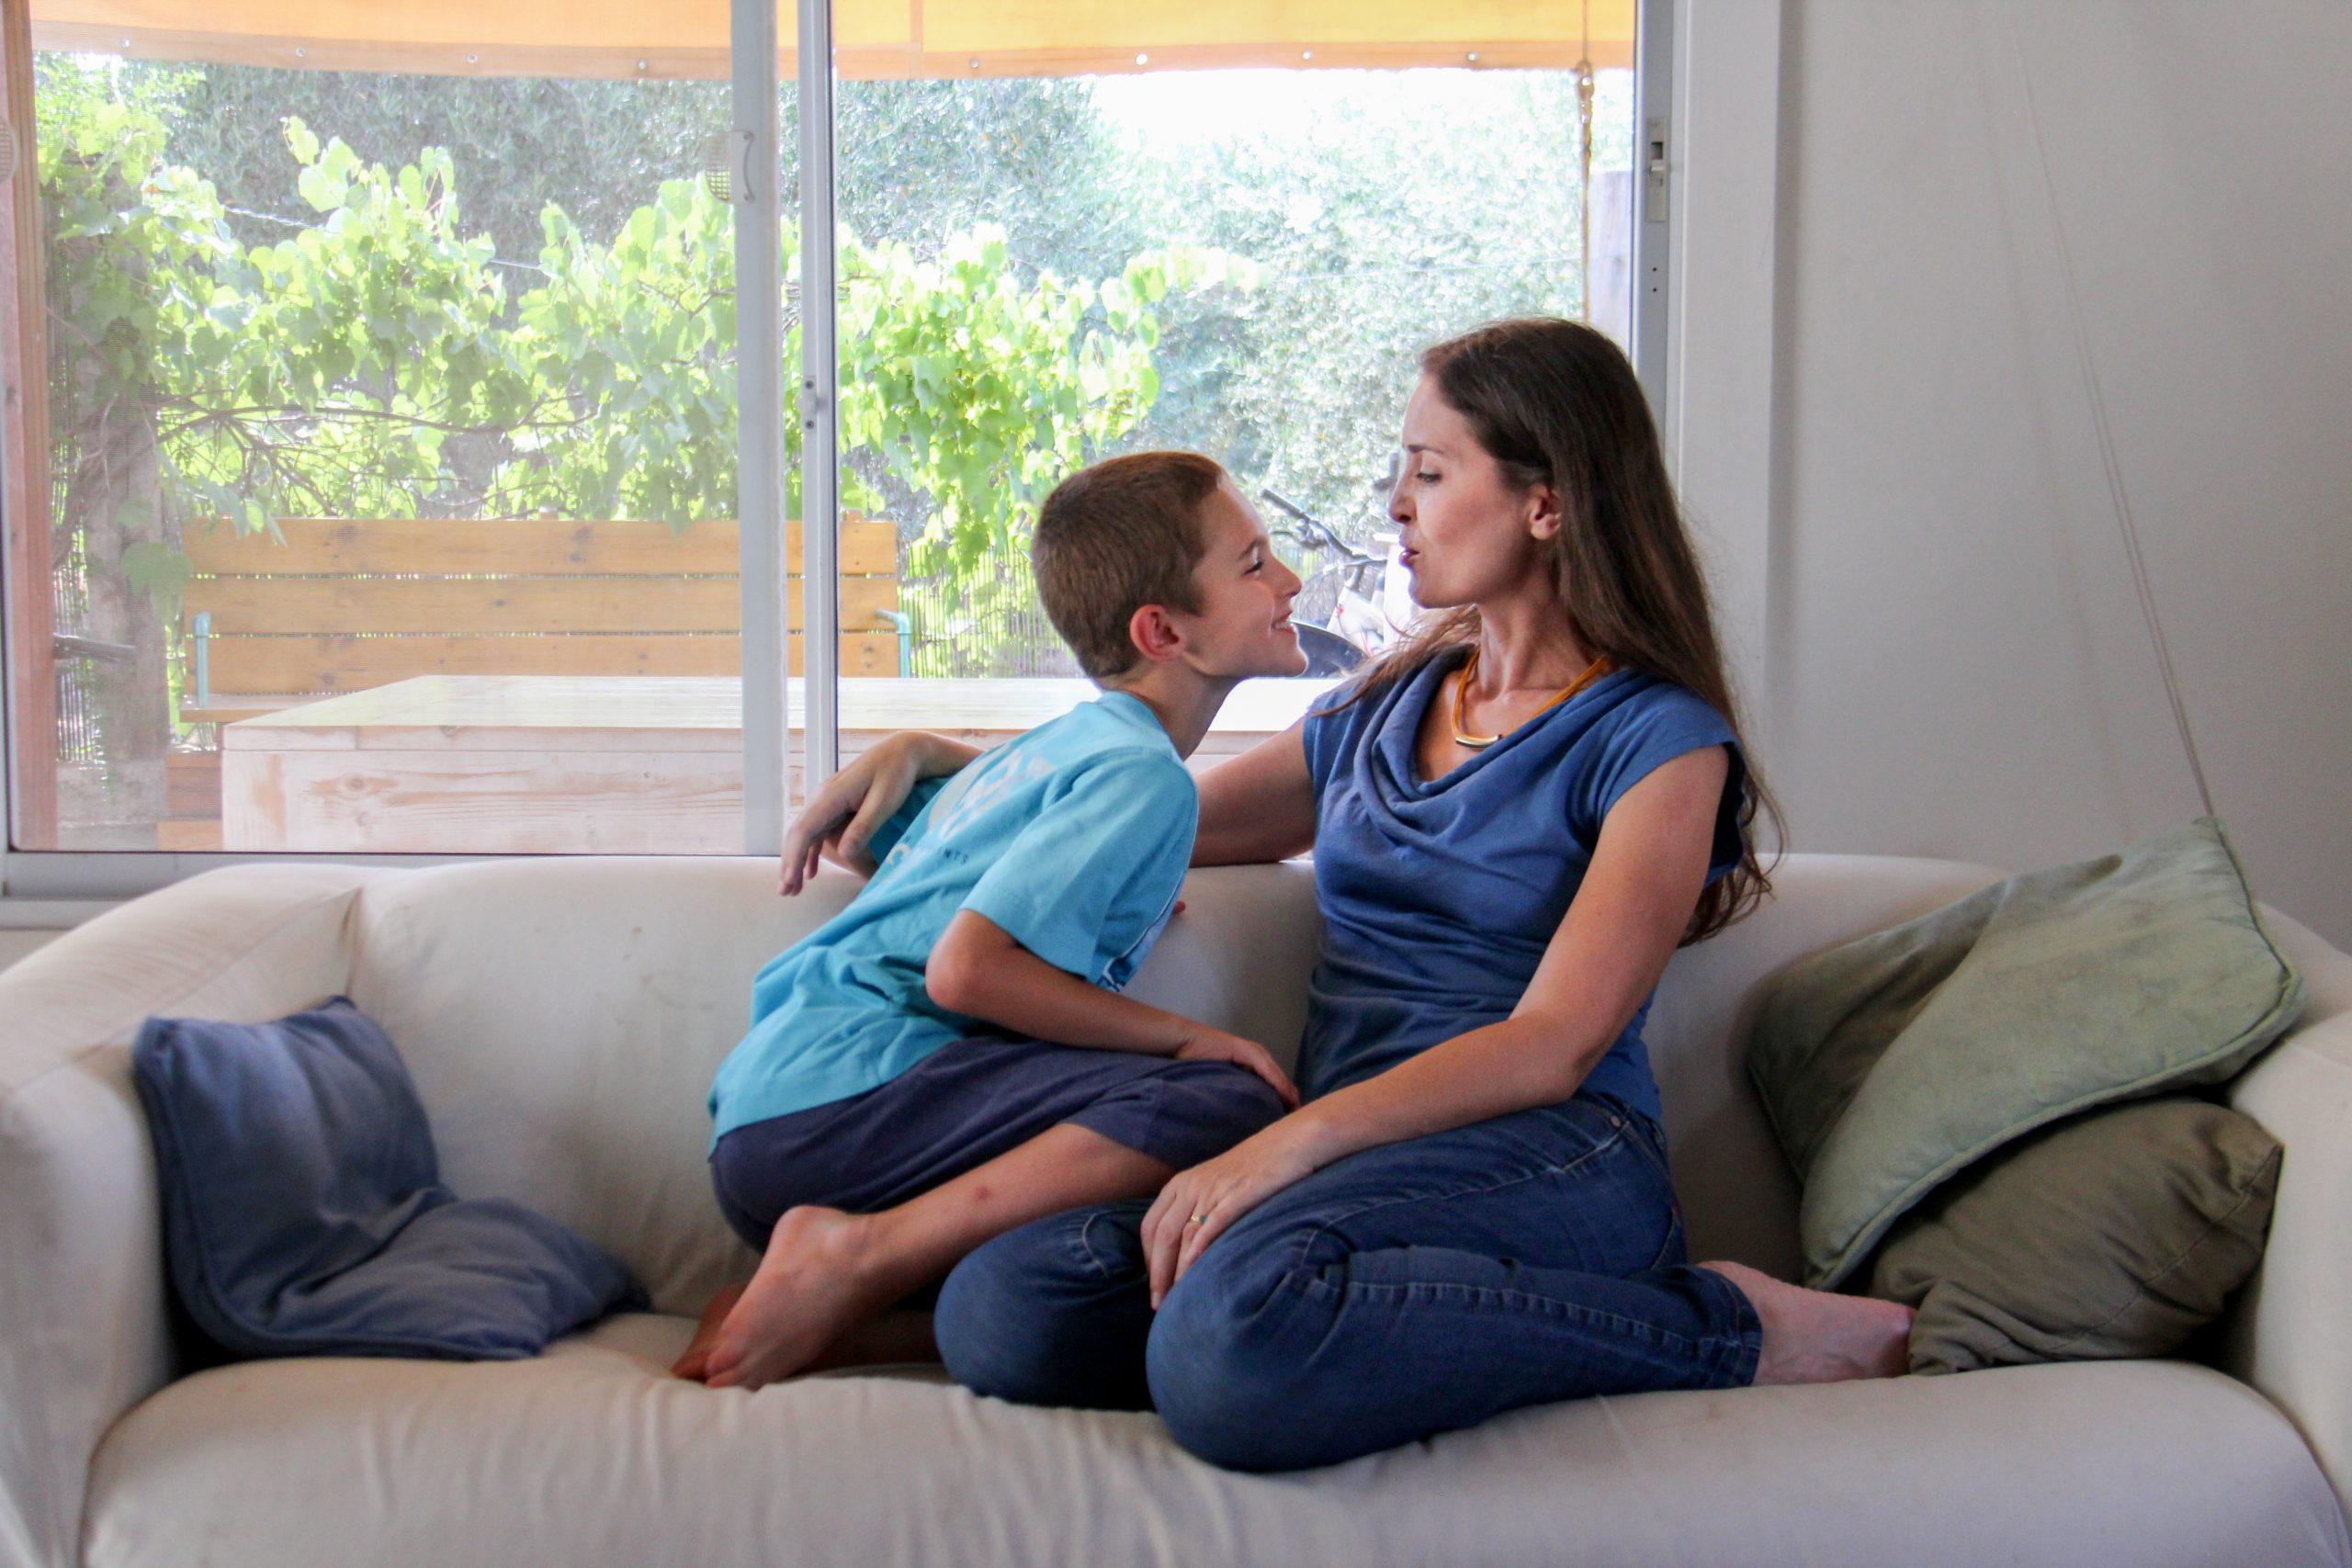 אמא וילד משוחחים- אינסה קליינמן לחישות לילה להעצמת ילדים